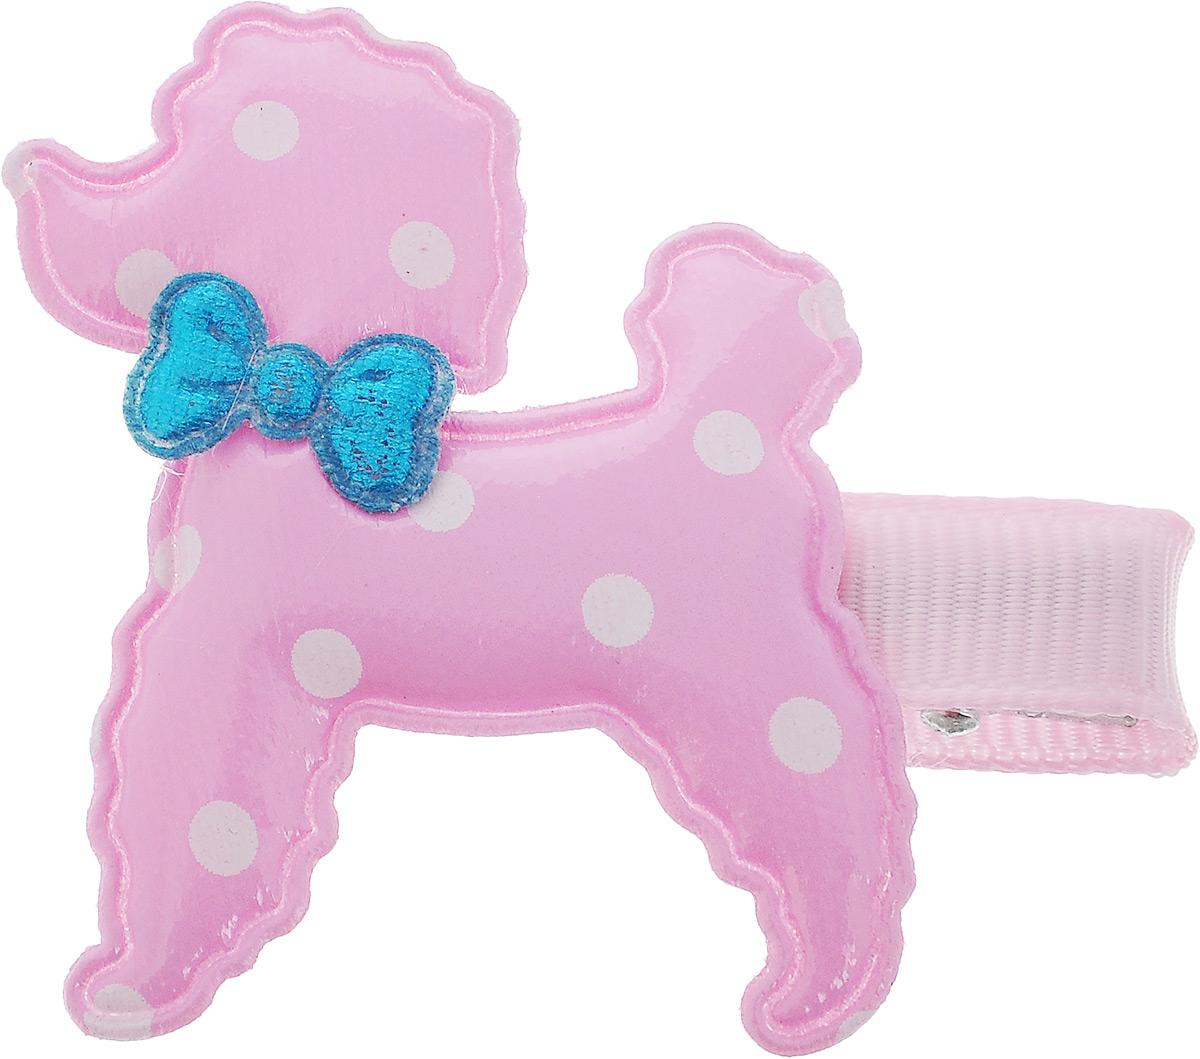 Заколка для животных Каскад Собака, цвет: розовый, белый, голубой, 4 х 5 см48302321_розовый, белый, голубойЗаколка для животных Каскад Собака - это красивое и стильное украшение для собак мелких пород. Заколка прекрасно крепится на шерсти и позволяет фиксировать ее. Изделие выполнено из ткани, ПВХ и металла. Размер: 4 х 5 см.